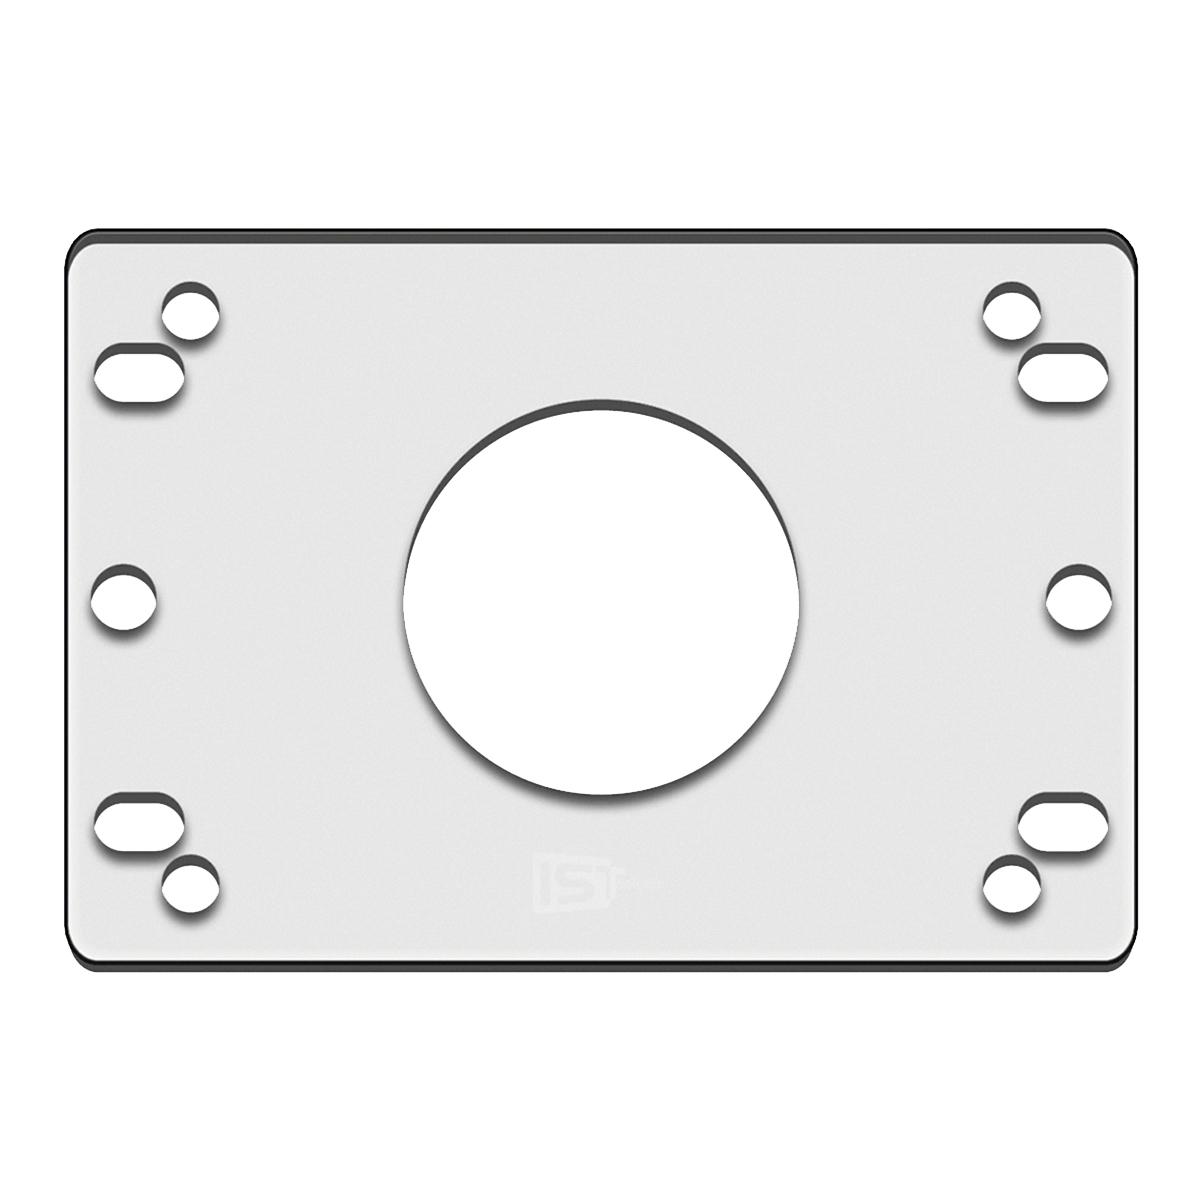 IST アクリルブラケット 三和電子/韓国レバー用 レバーの取り付け高を変更するプレート